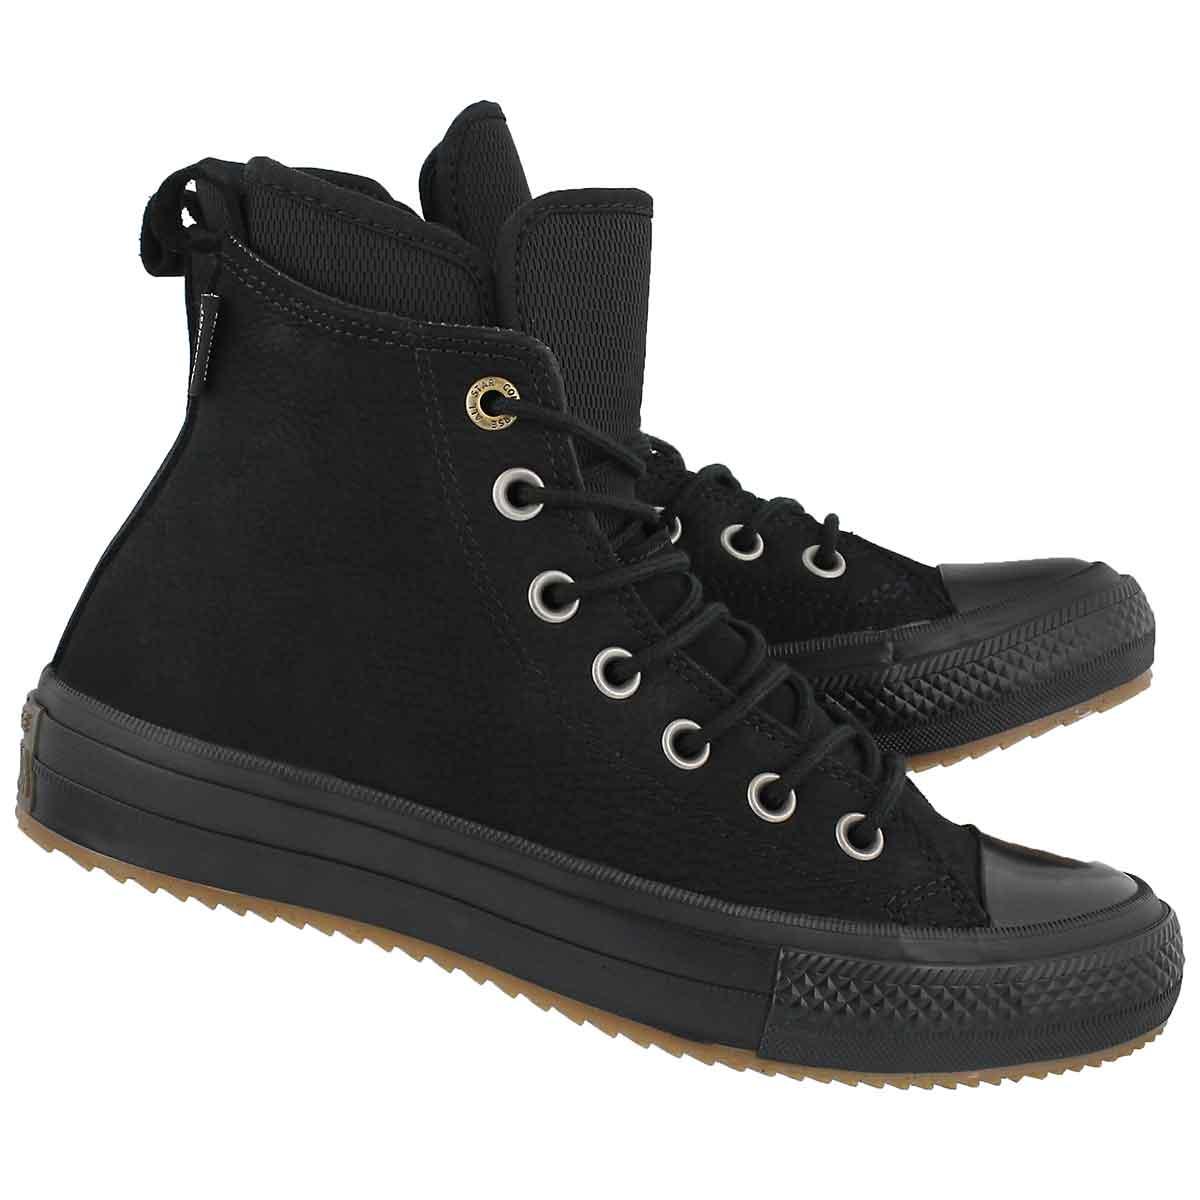 Lds CT Waterproof Hi black boot